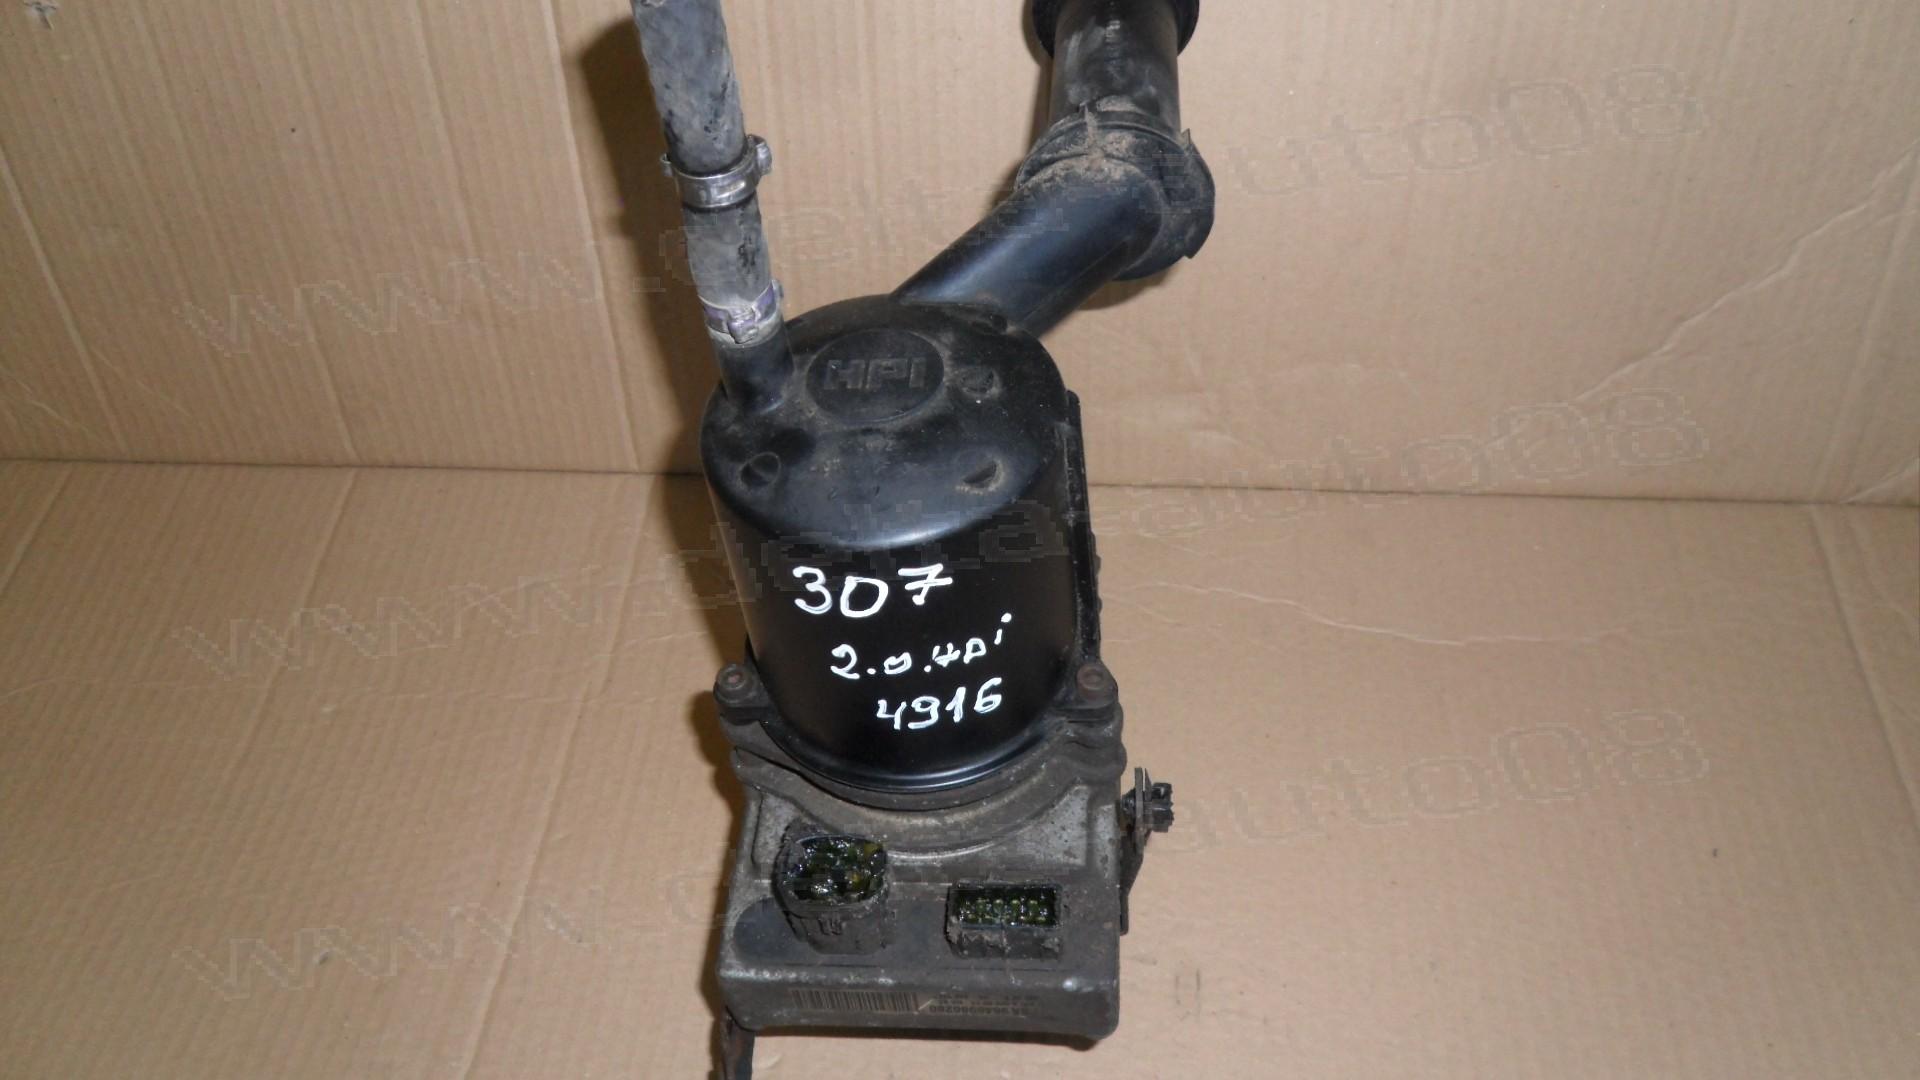 Хидравлична помпа за Peugeot 307 2.0 HDi 2001-2008г., 9646986280, A 508 86 74, A5088674, PSA 9646986280, PSA9646986280